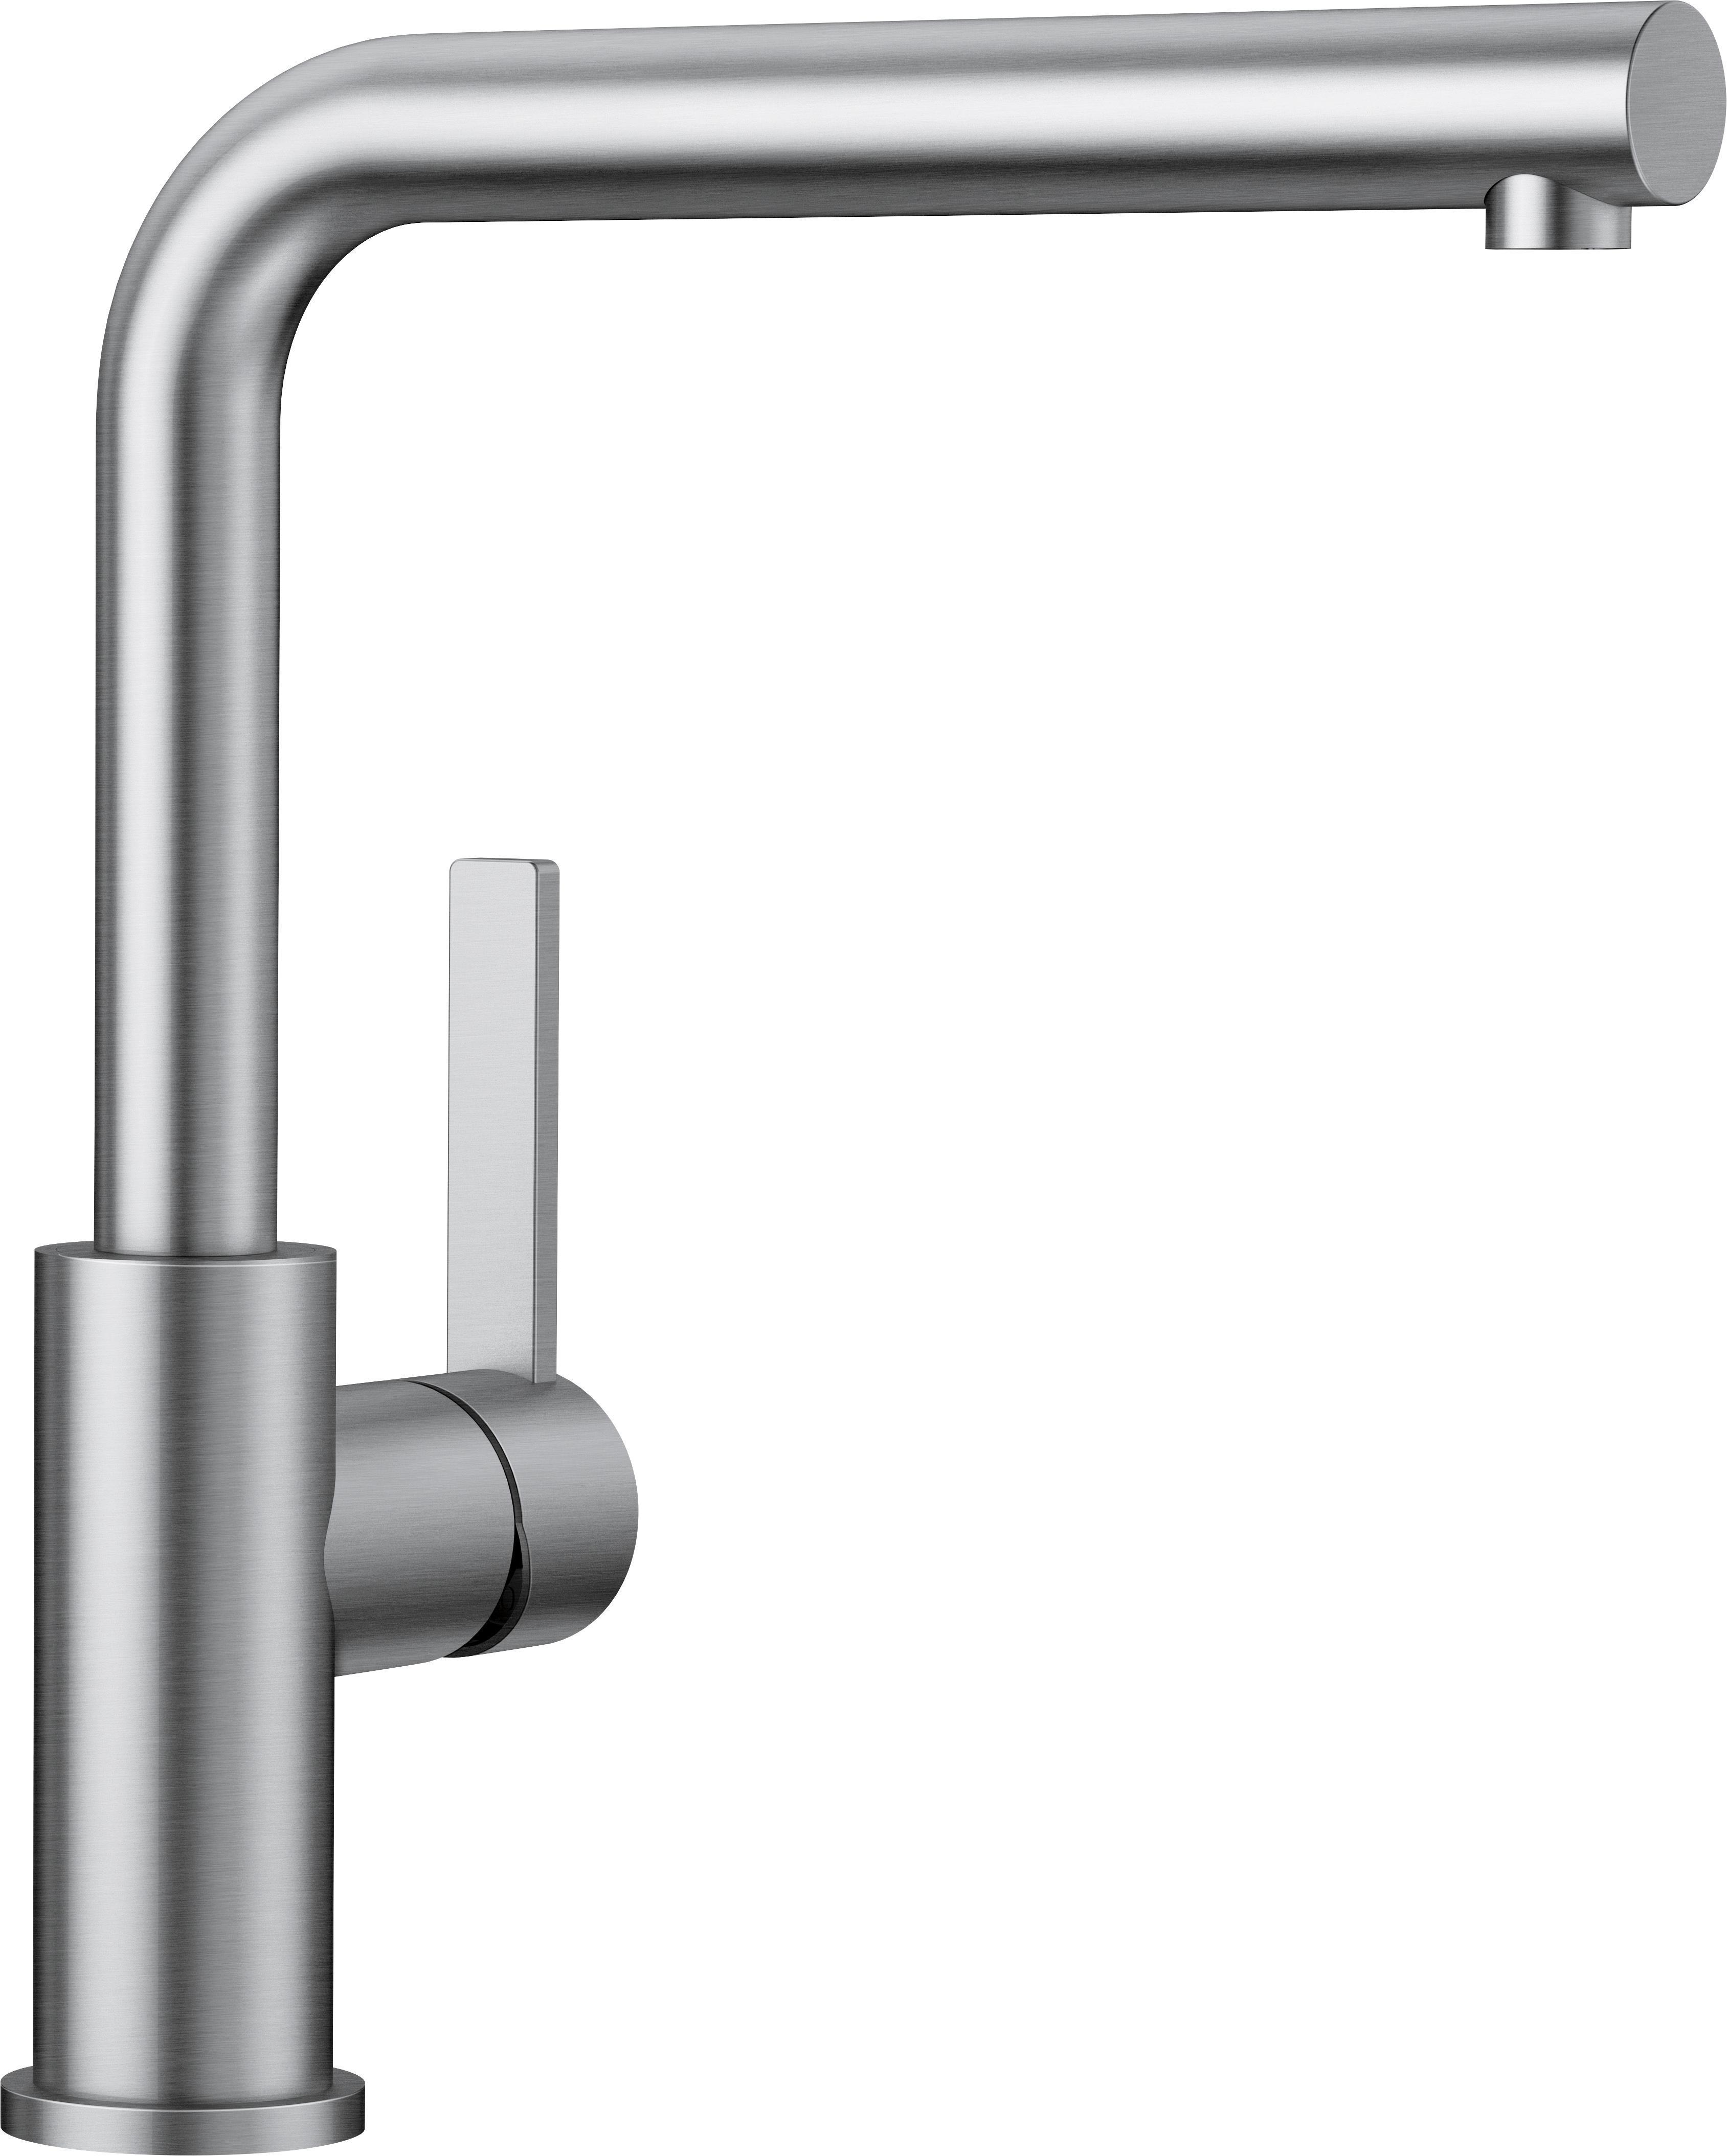 Wasserhahn k che niederdruck hochdruck spritzschutz k che 60x80 wasserhahn hornbach - Bauhaus niederdruckarmatur ...